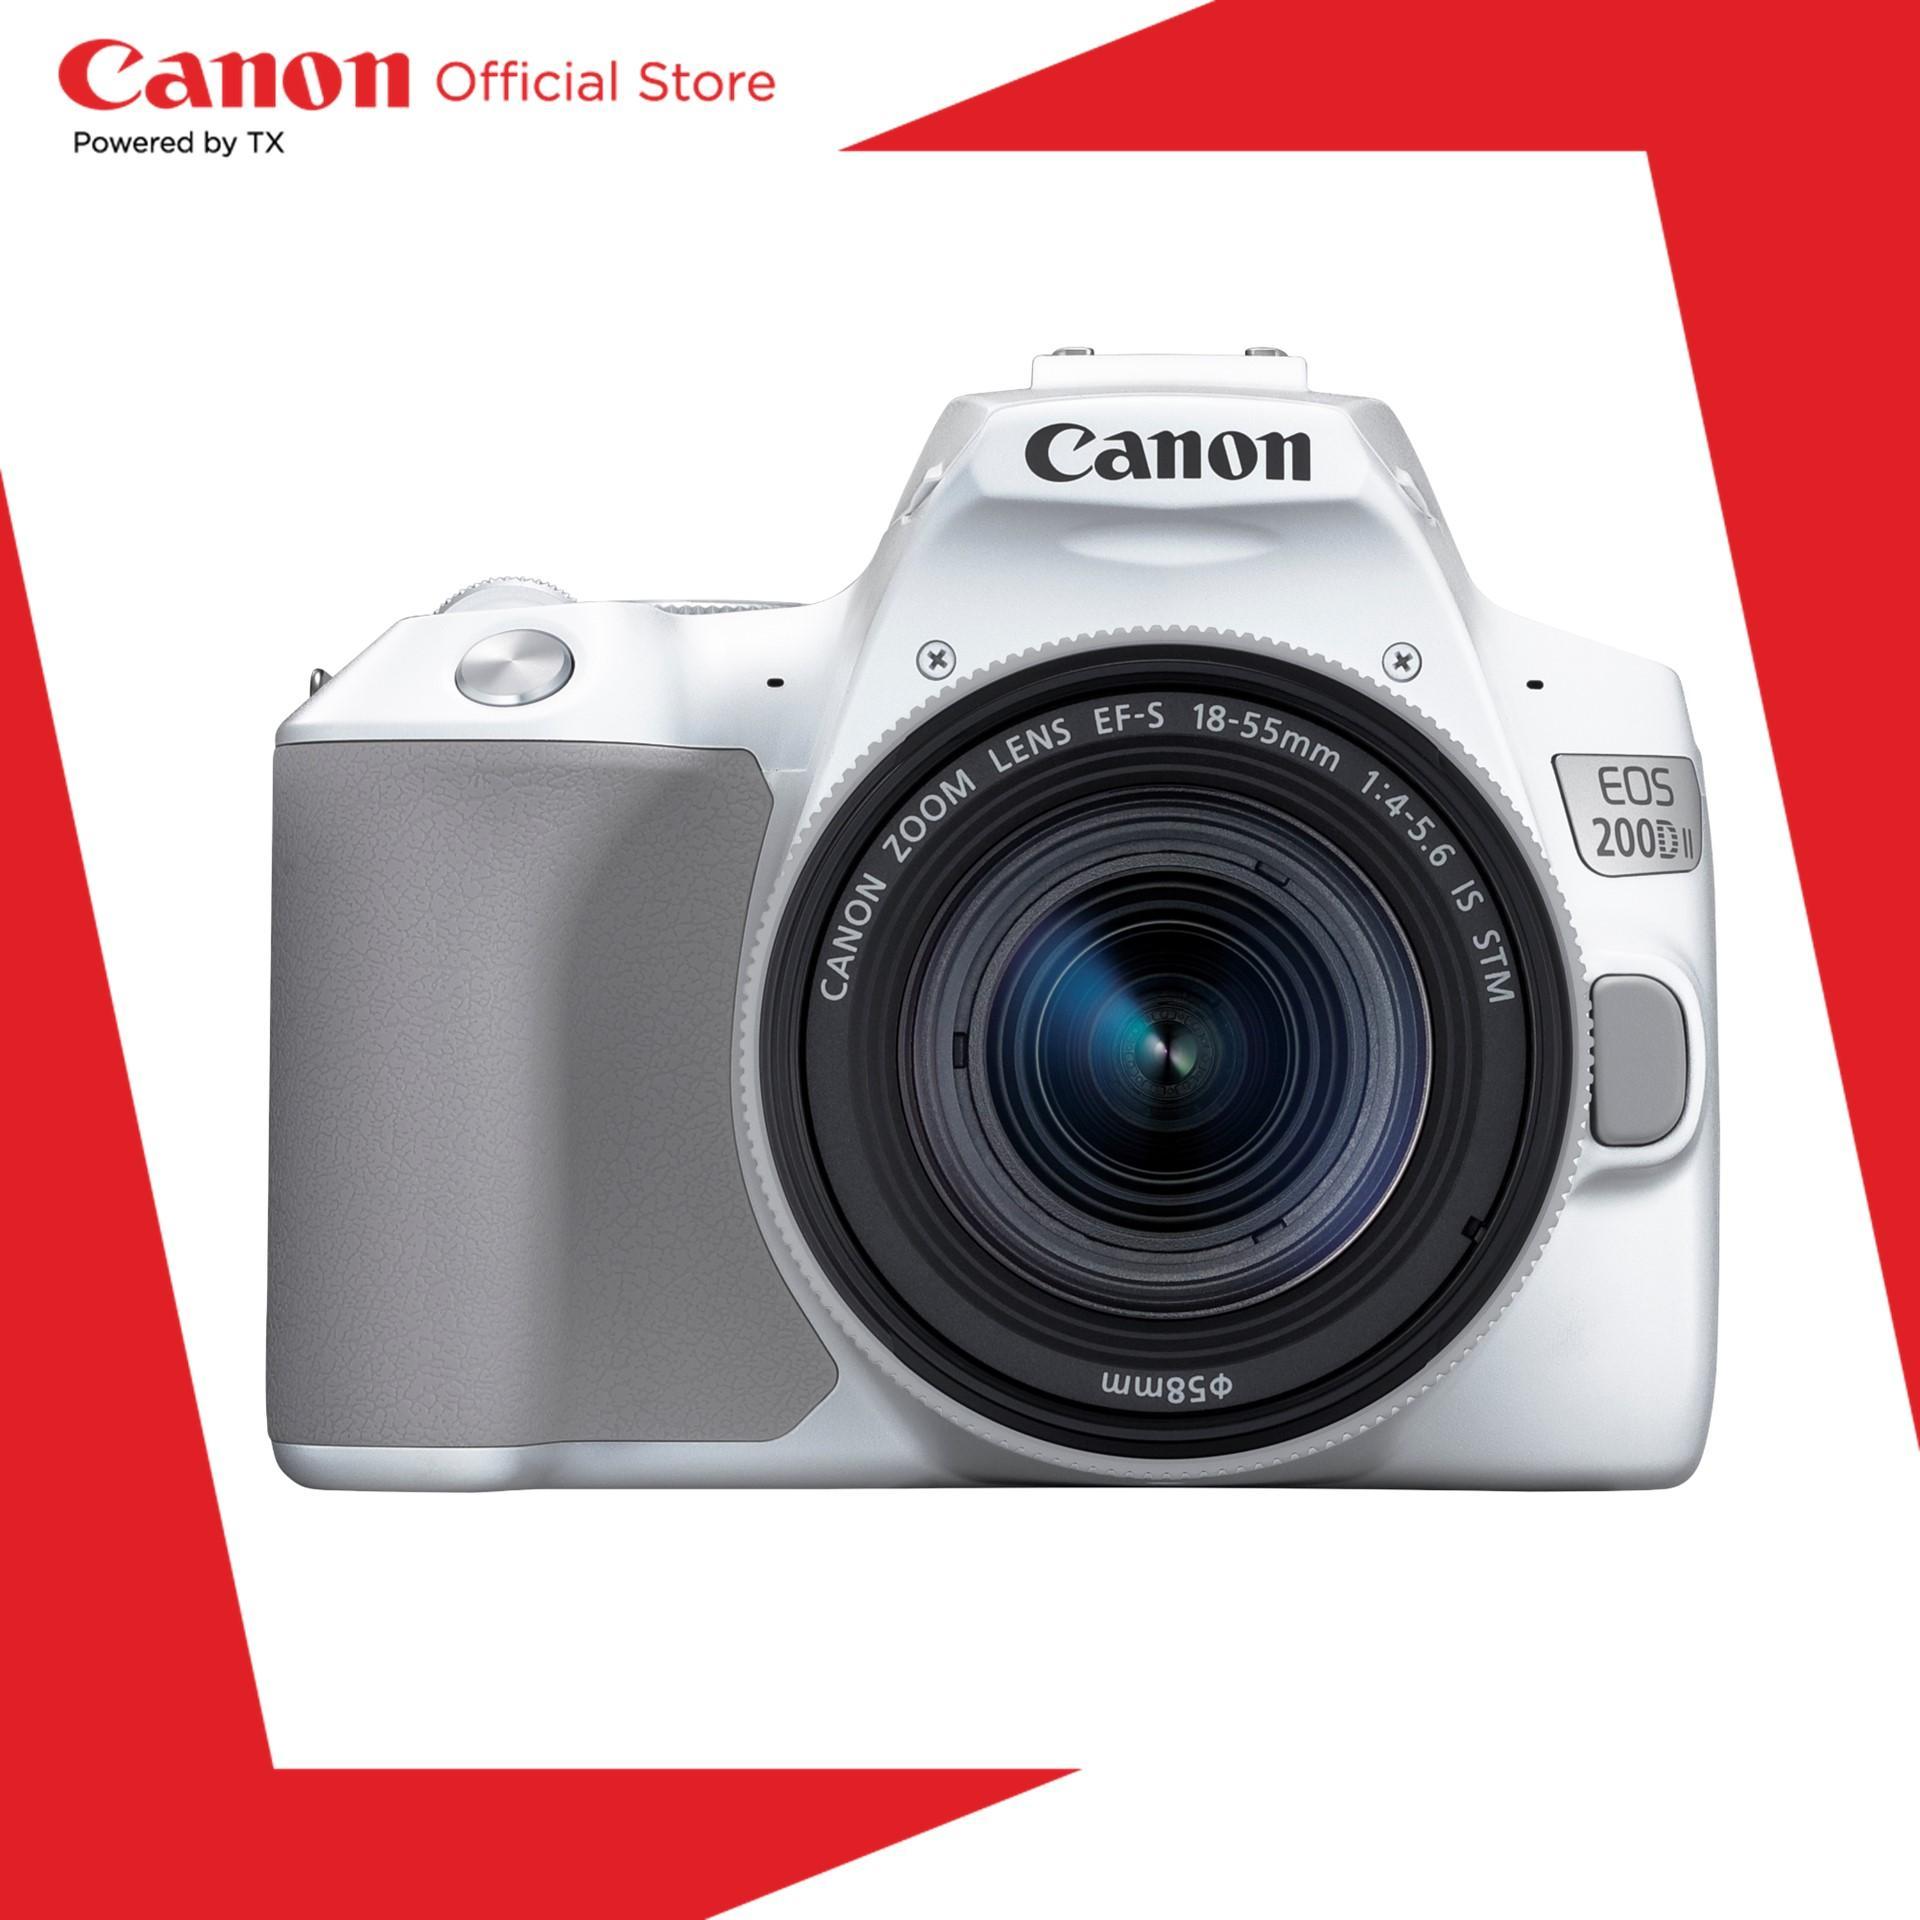 DSLR Cameras for sale - DLSR price, brands & offers online | Lazada